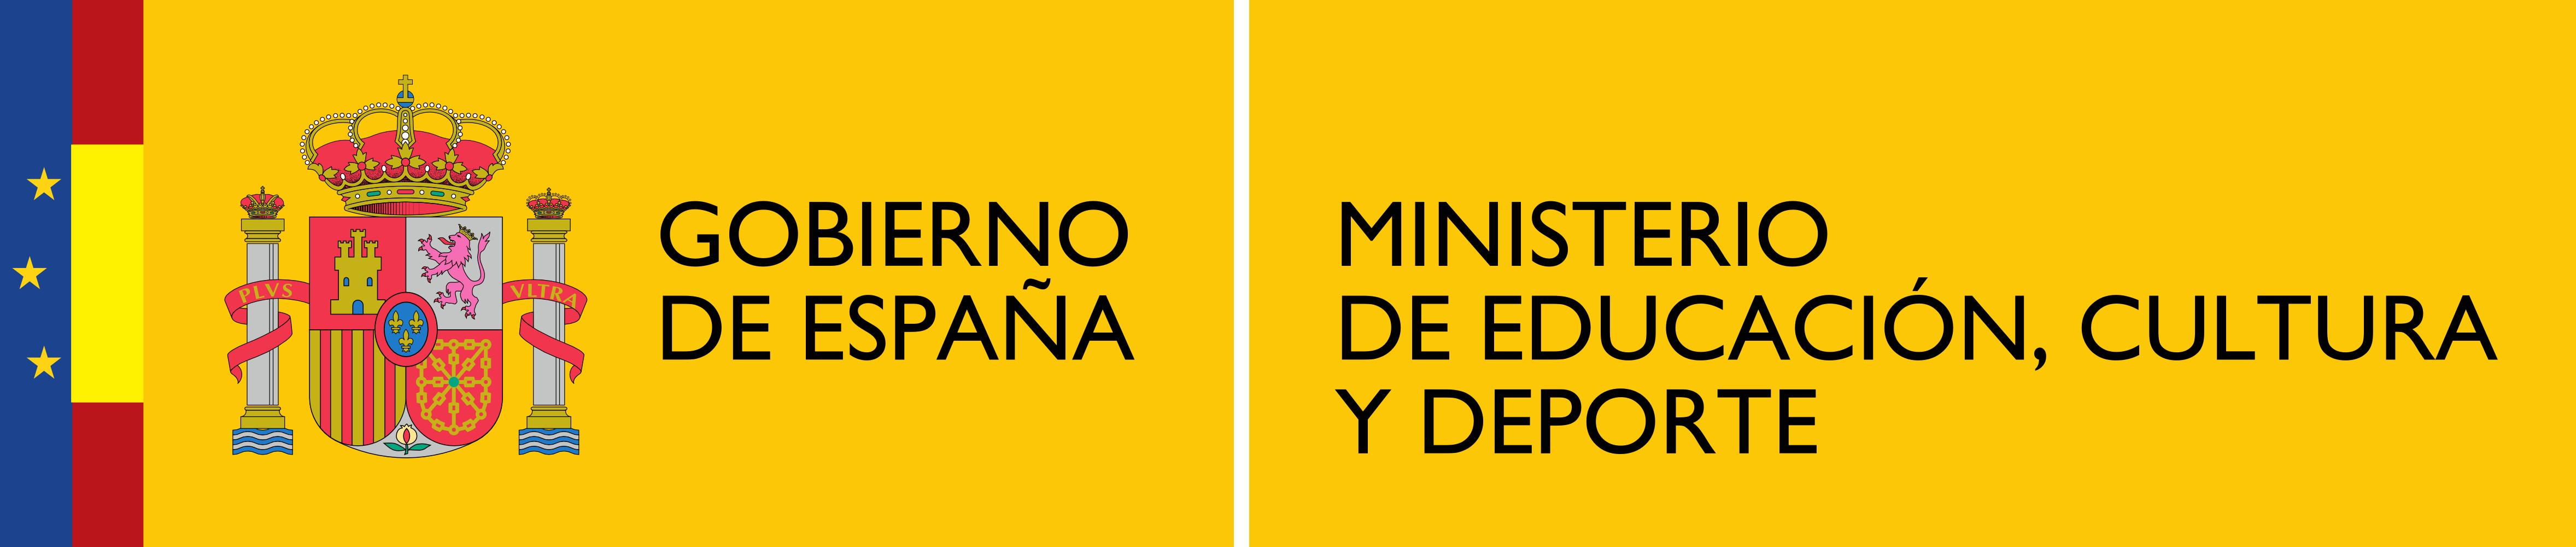 Logotipo_del_Ministerio_de_Educación,_Cultura_y_Deporte